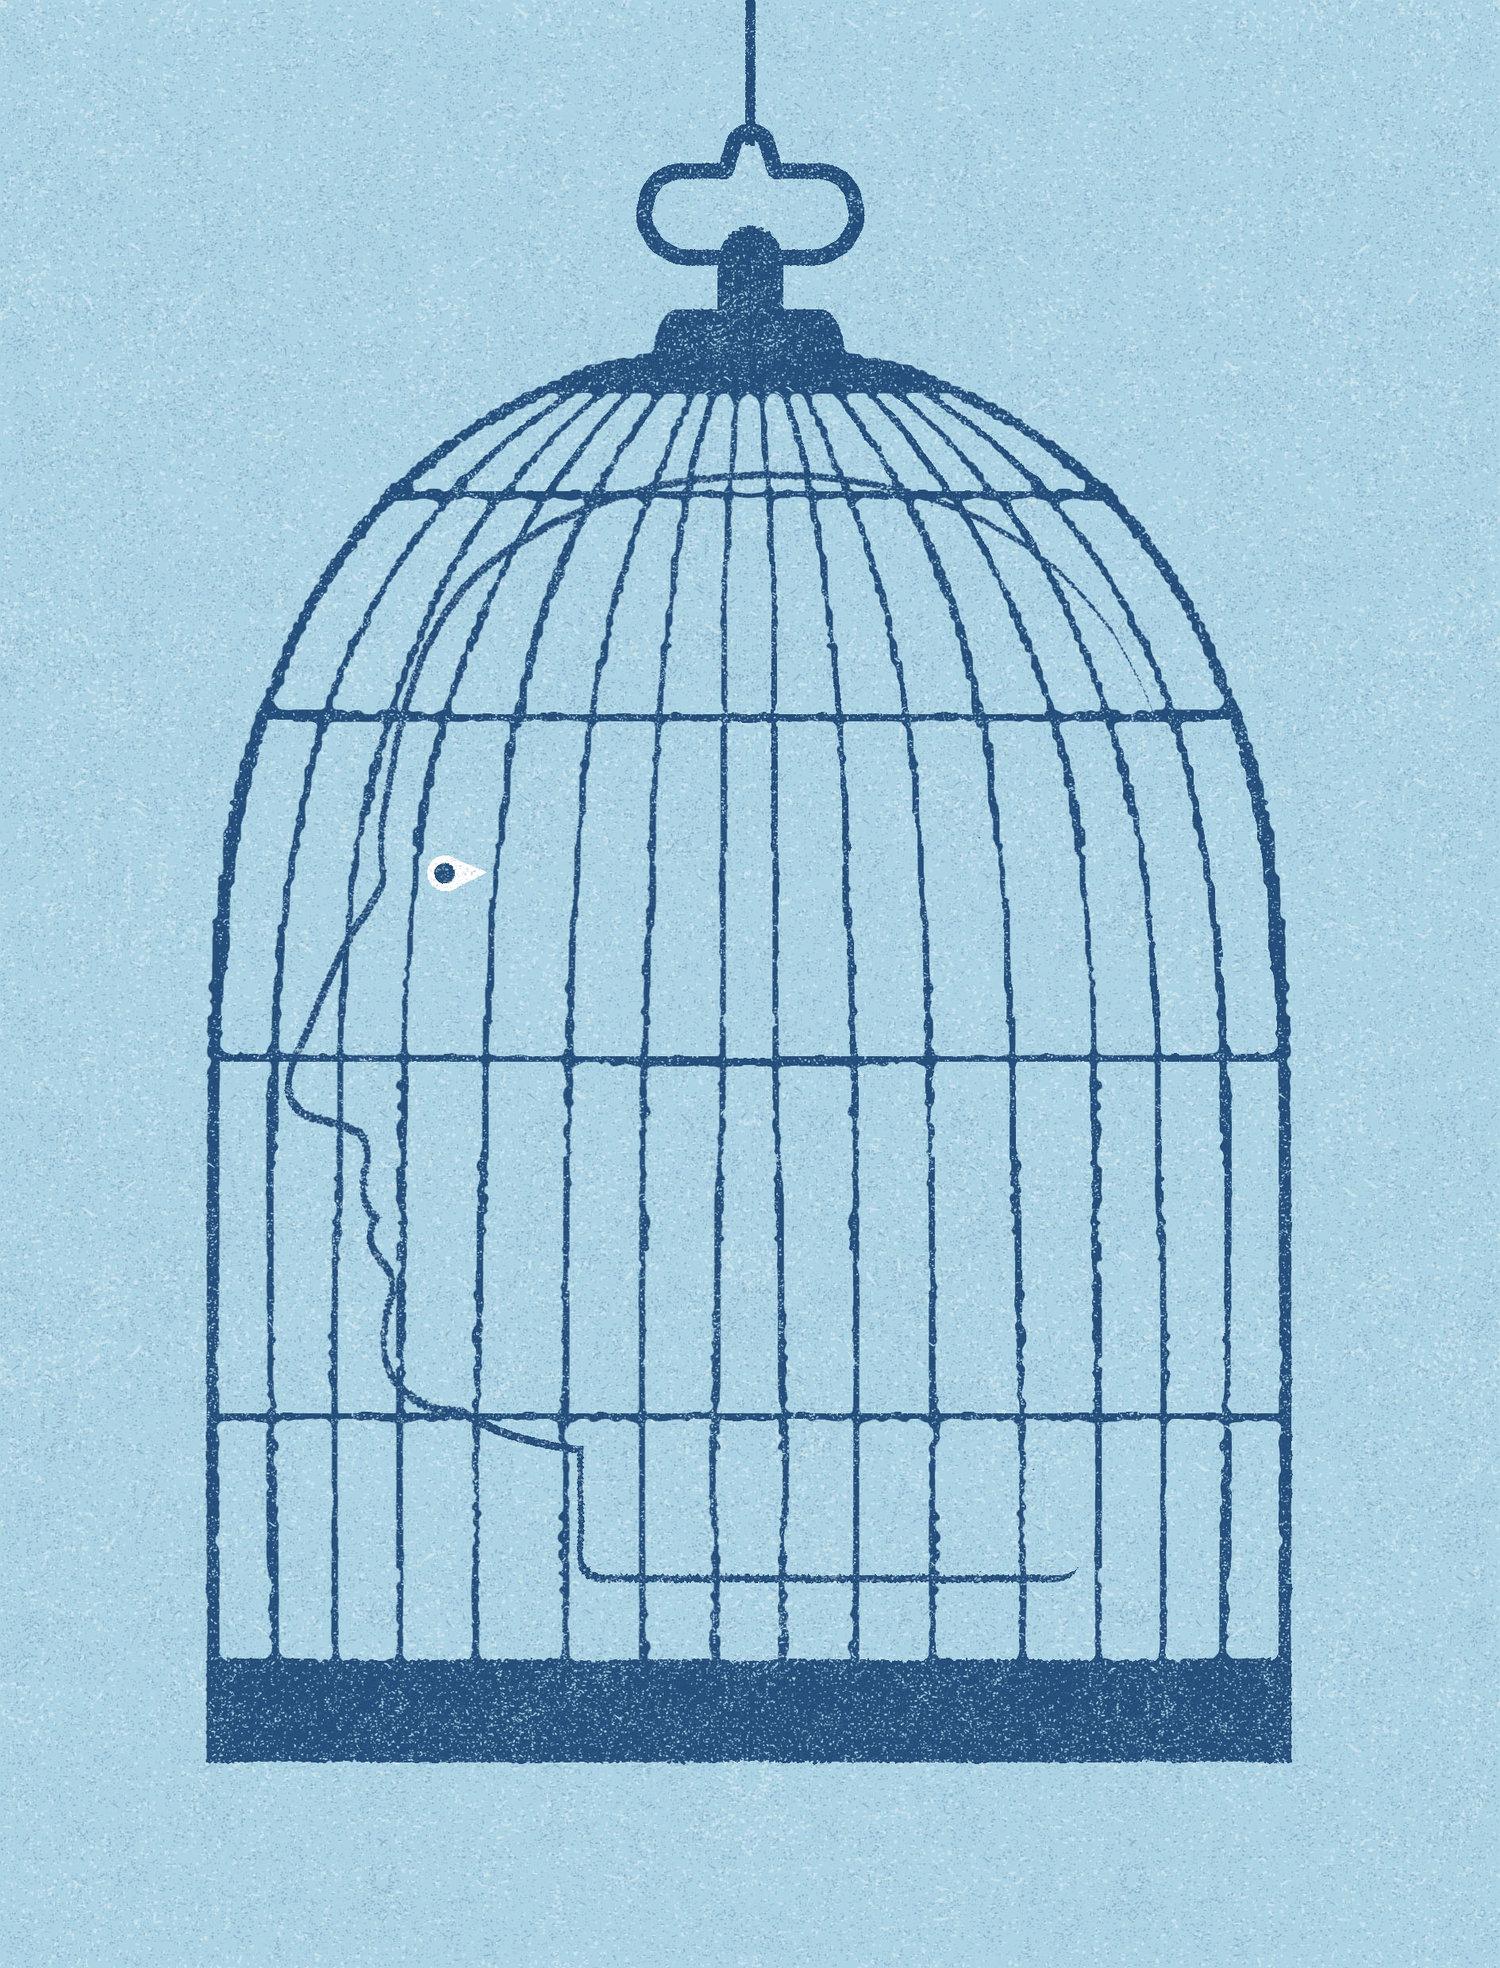 Le storie semplici illustrate da Andrius Banelis | Collater.al 7